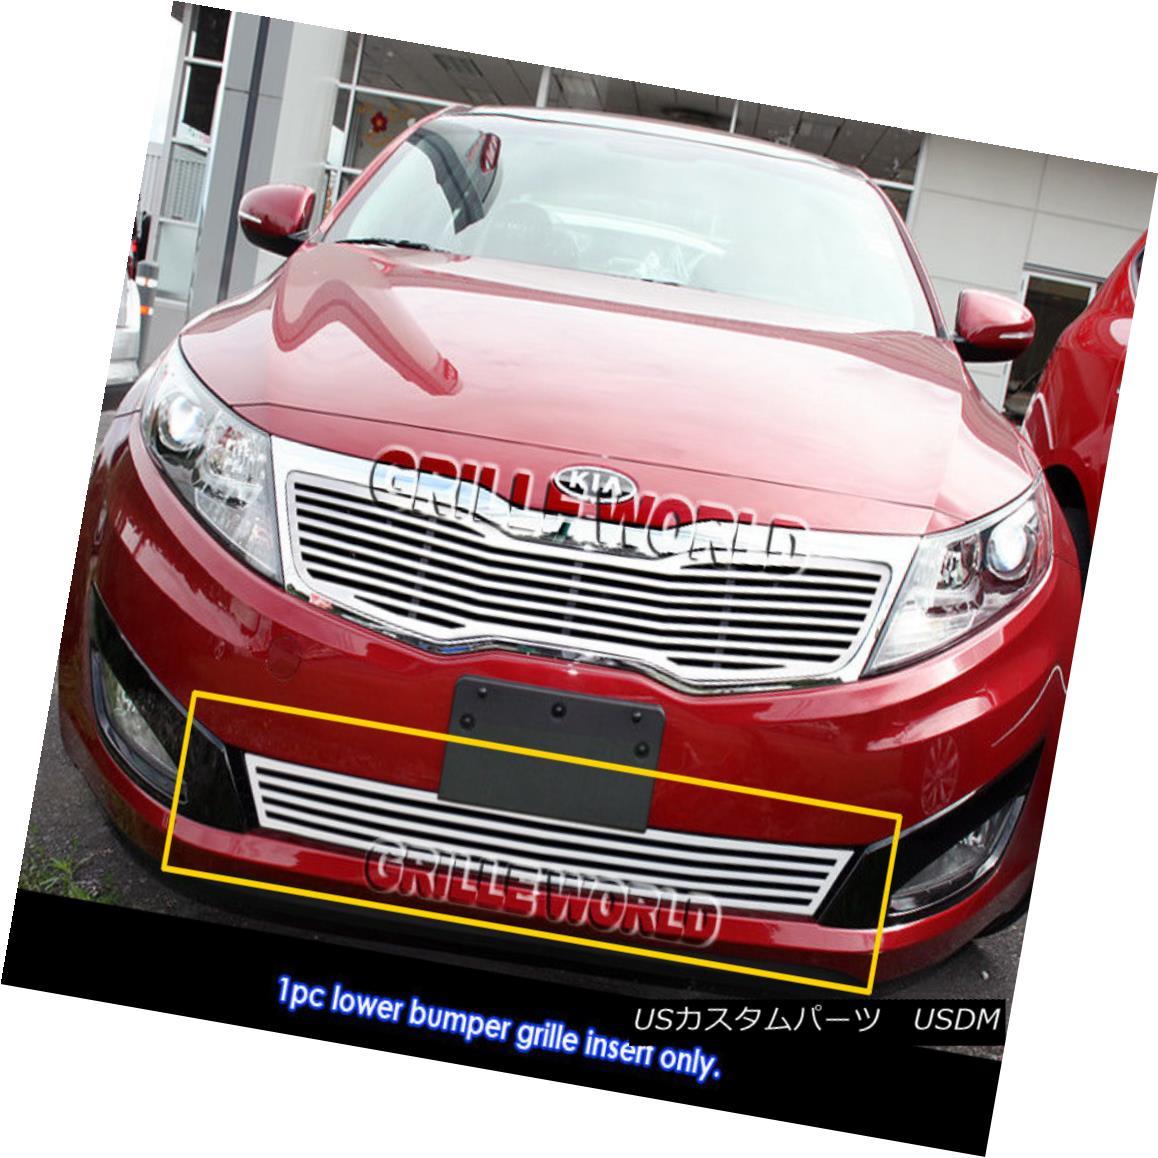 グリル Fits 2011-2013 Kia Optima Not for Hybrid Bumper Perimeter Grille Grill Insert 2011-2013年に合致します。ハイブリッドバンパーペリメーターグリルグリルインサート用ではありません